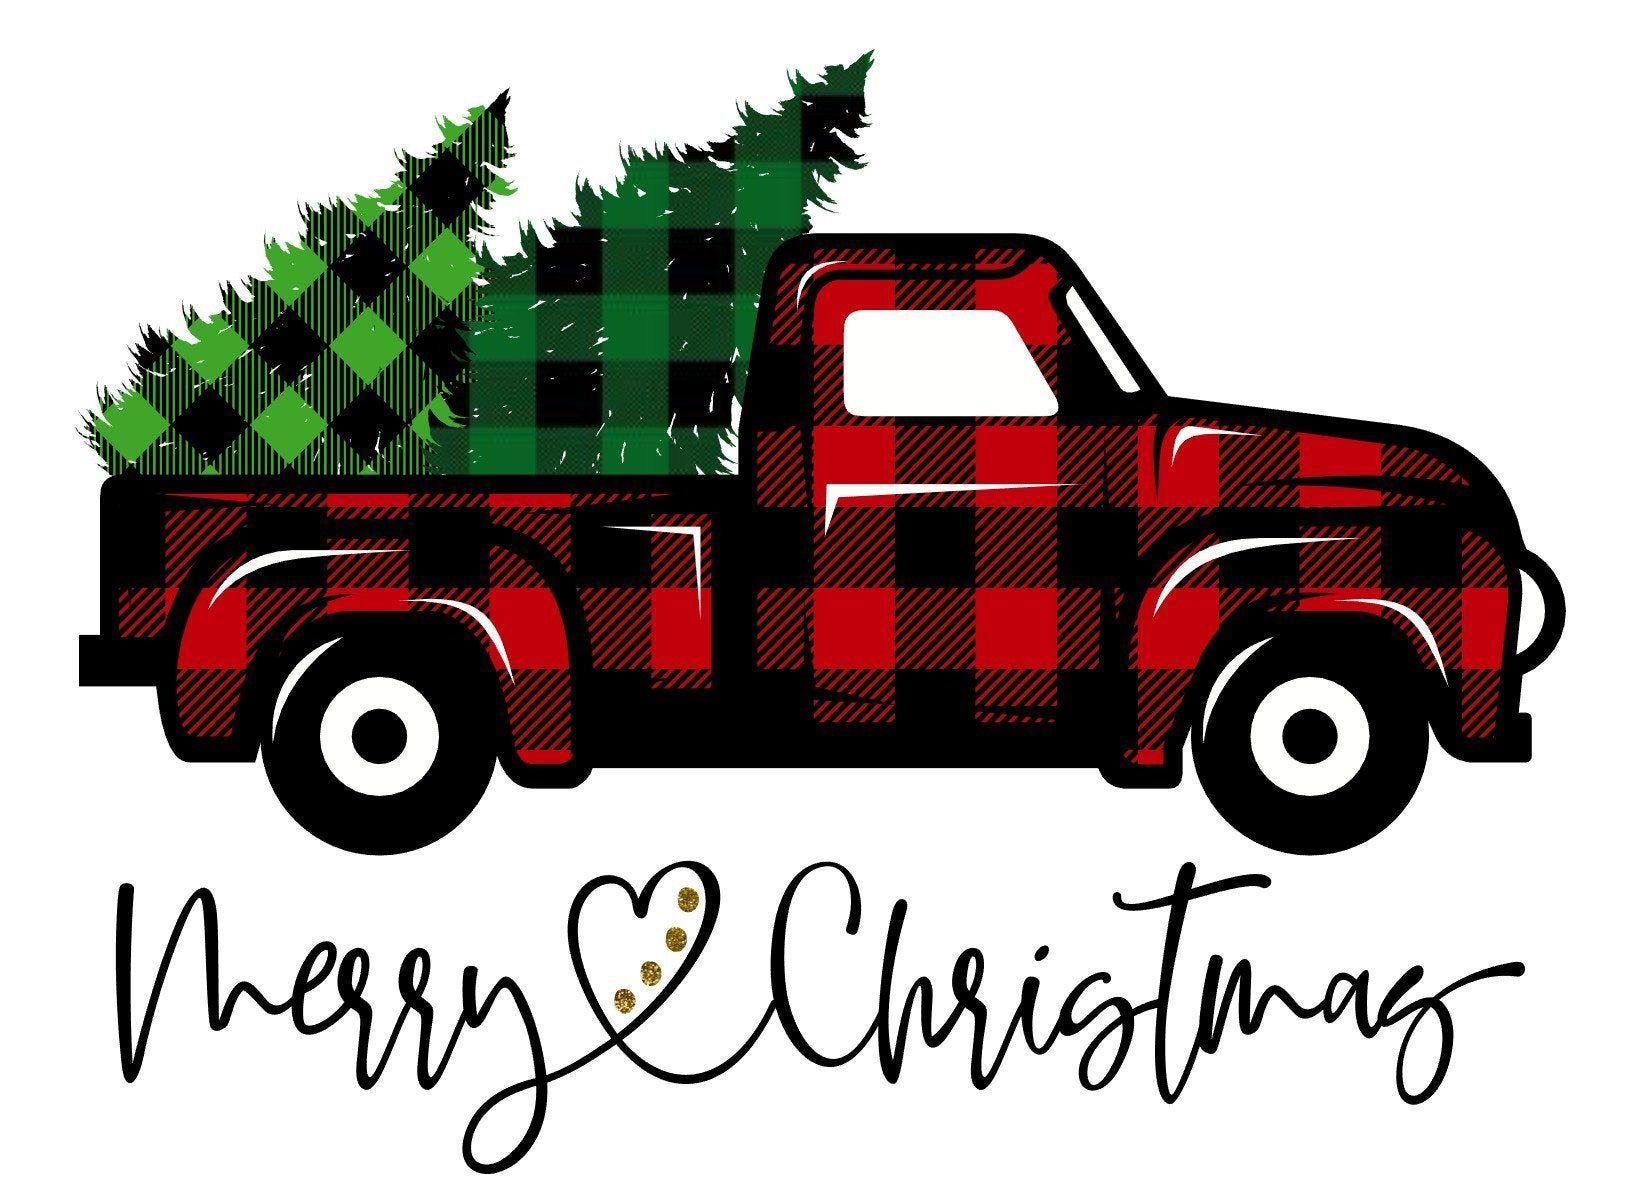 Pin By Meeeeeee On Merry Christmas Christmas Truck Christmas Red Truck Christmas Tree Truck